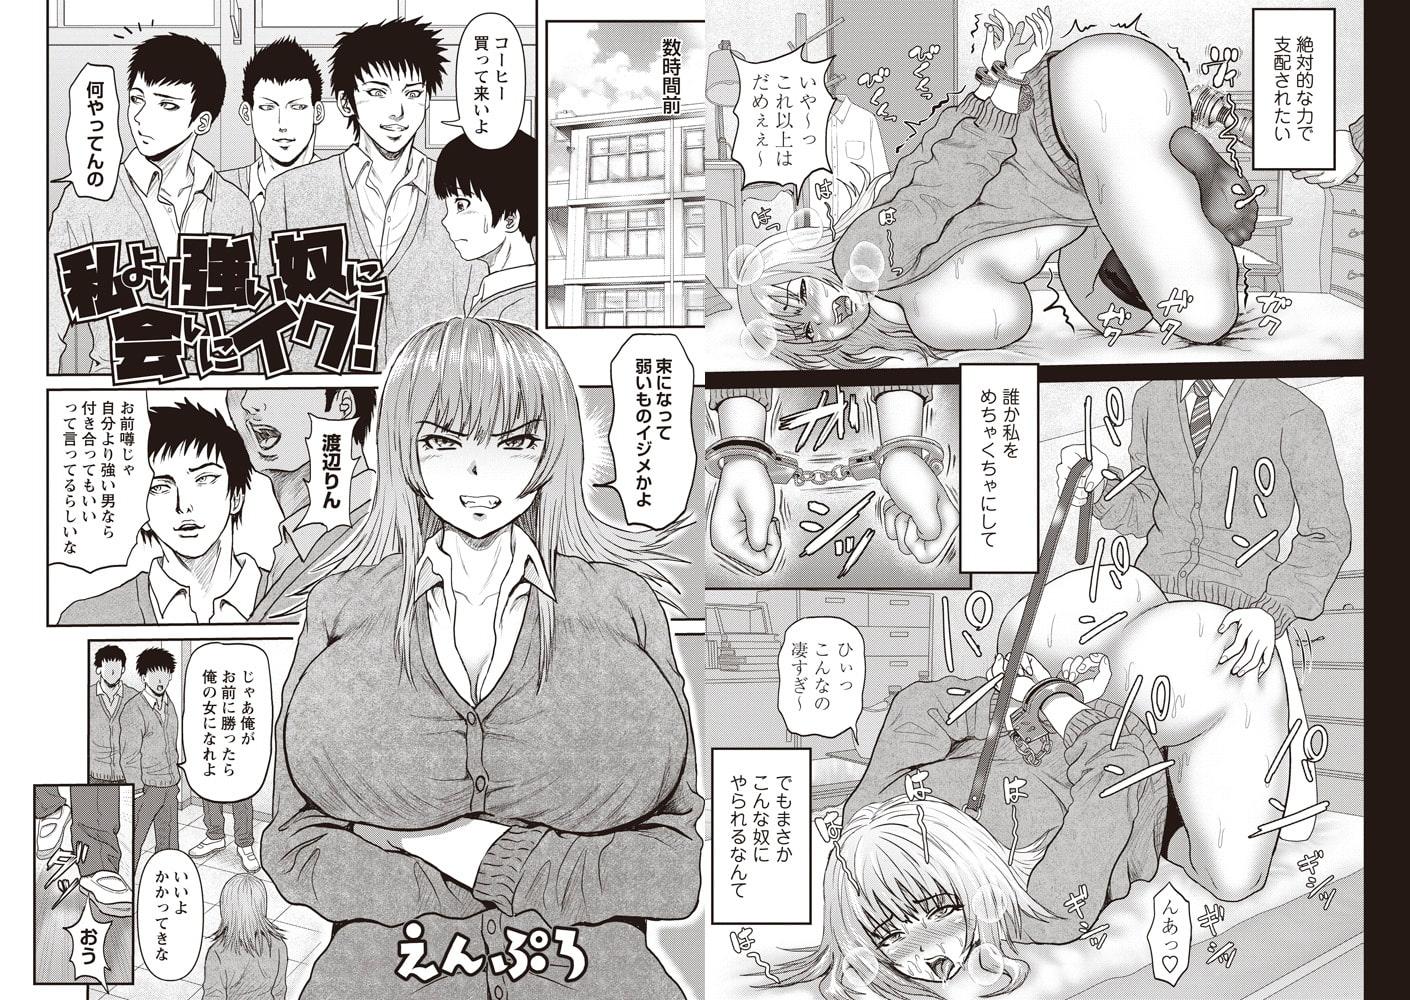 強制アブノーマル・パラダイス vol.6